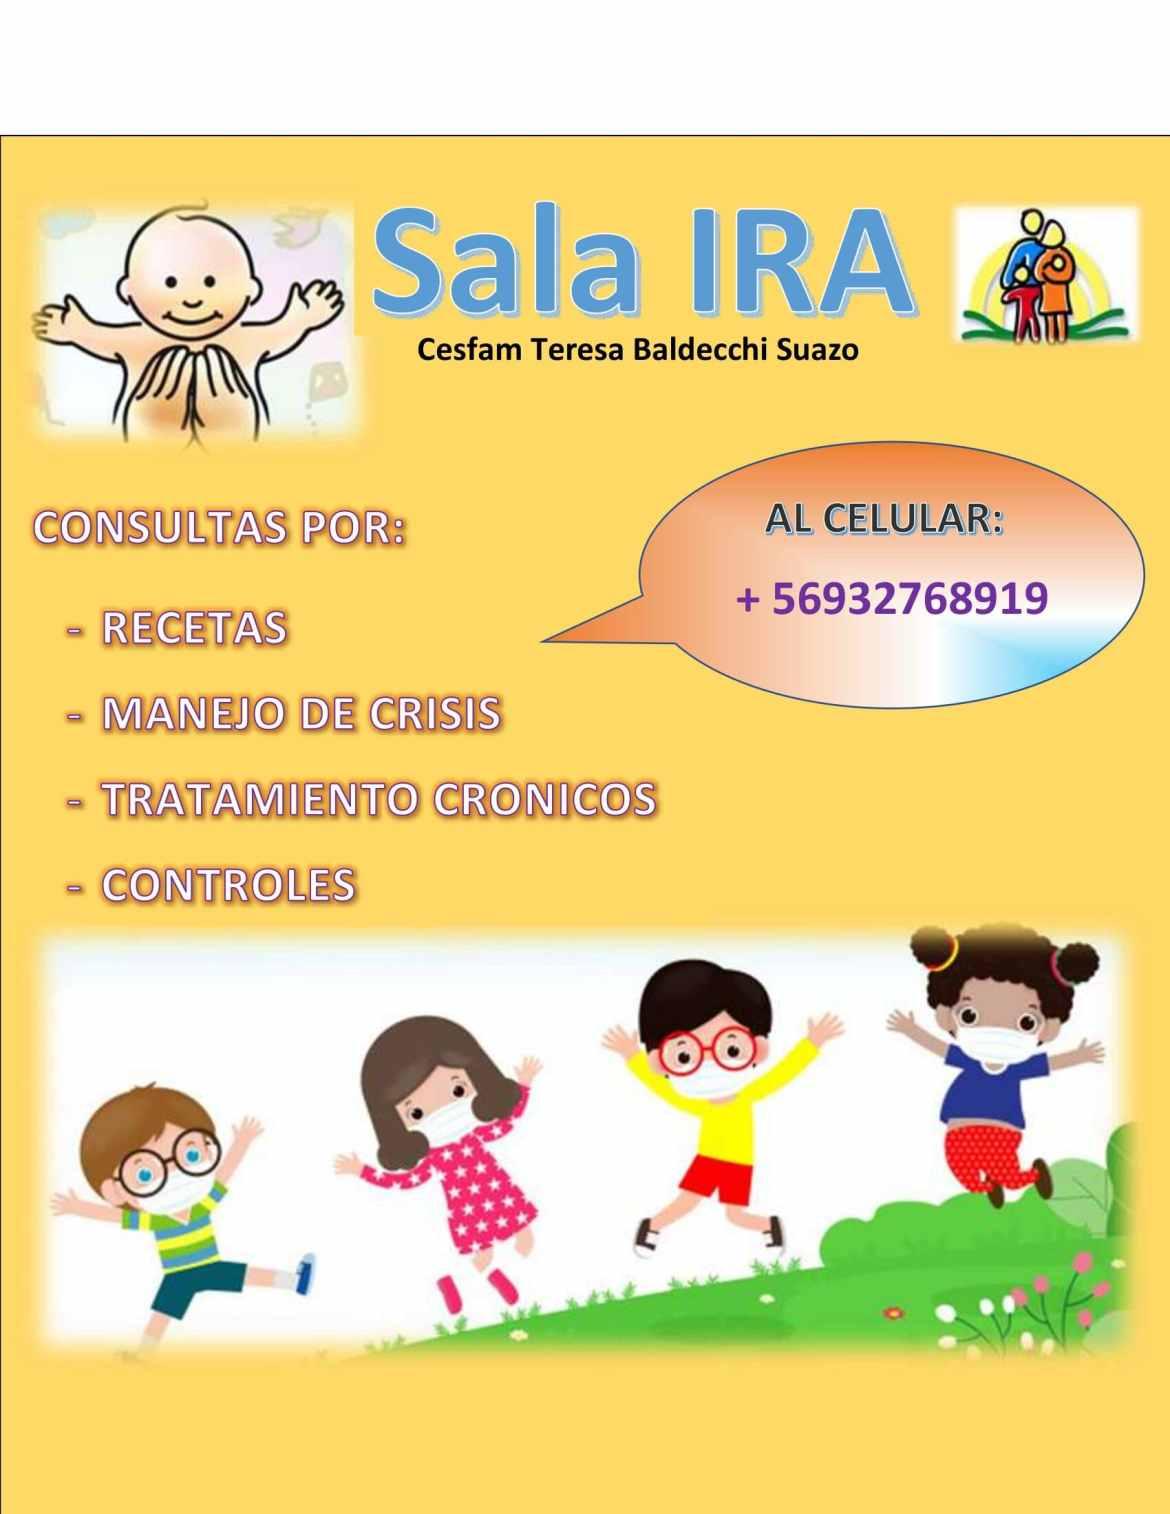 INFOGRAFIA-SALA-IRA